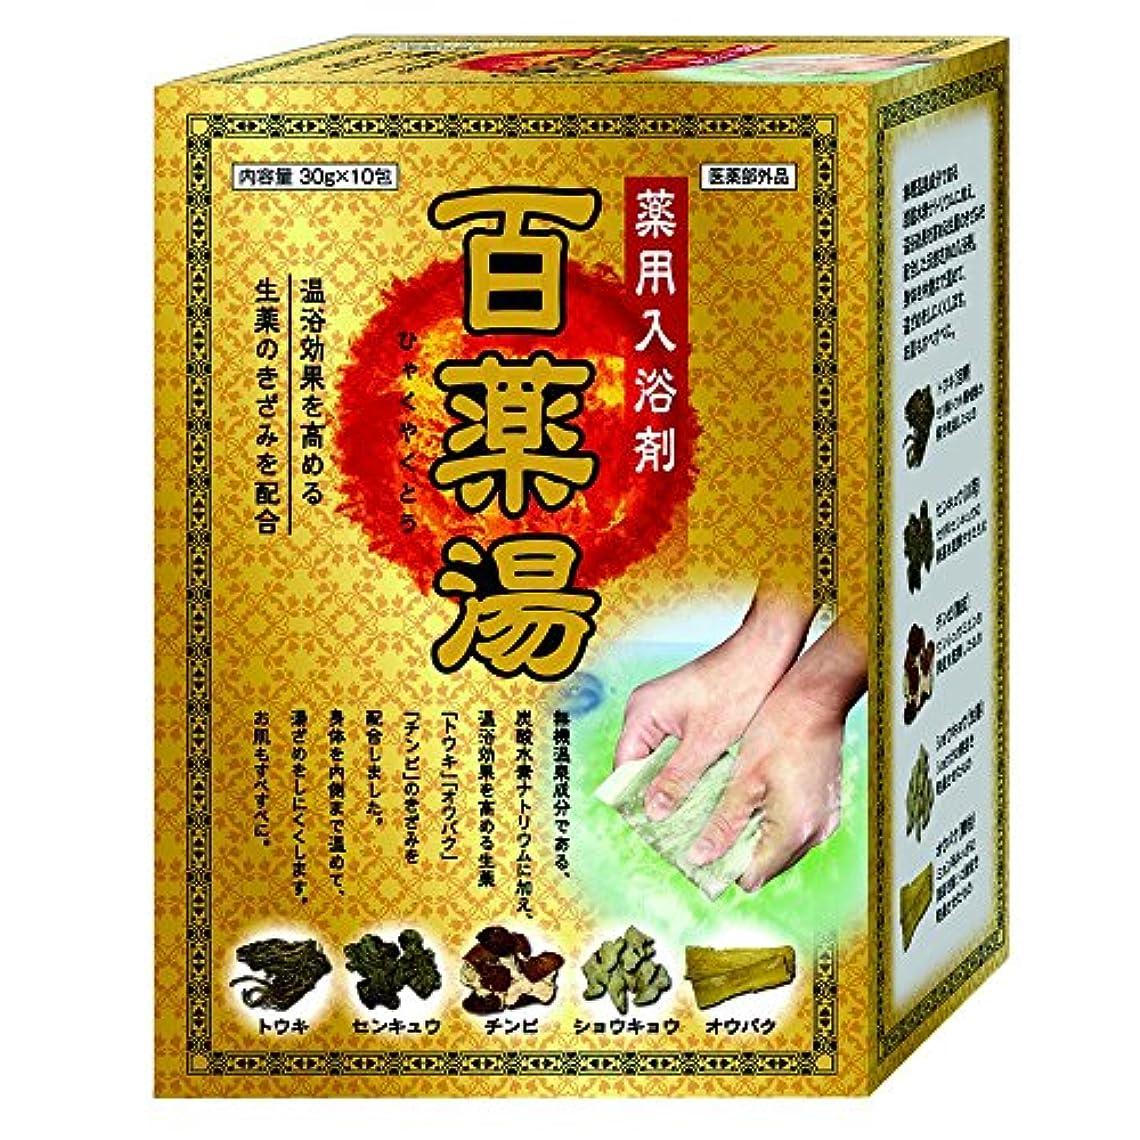 百薬湯 薬用入浴剤 温浴効果を高める生薬のきざみを配合 30g×10包 (医薬部外品)